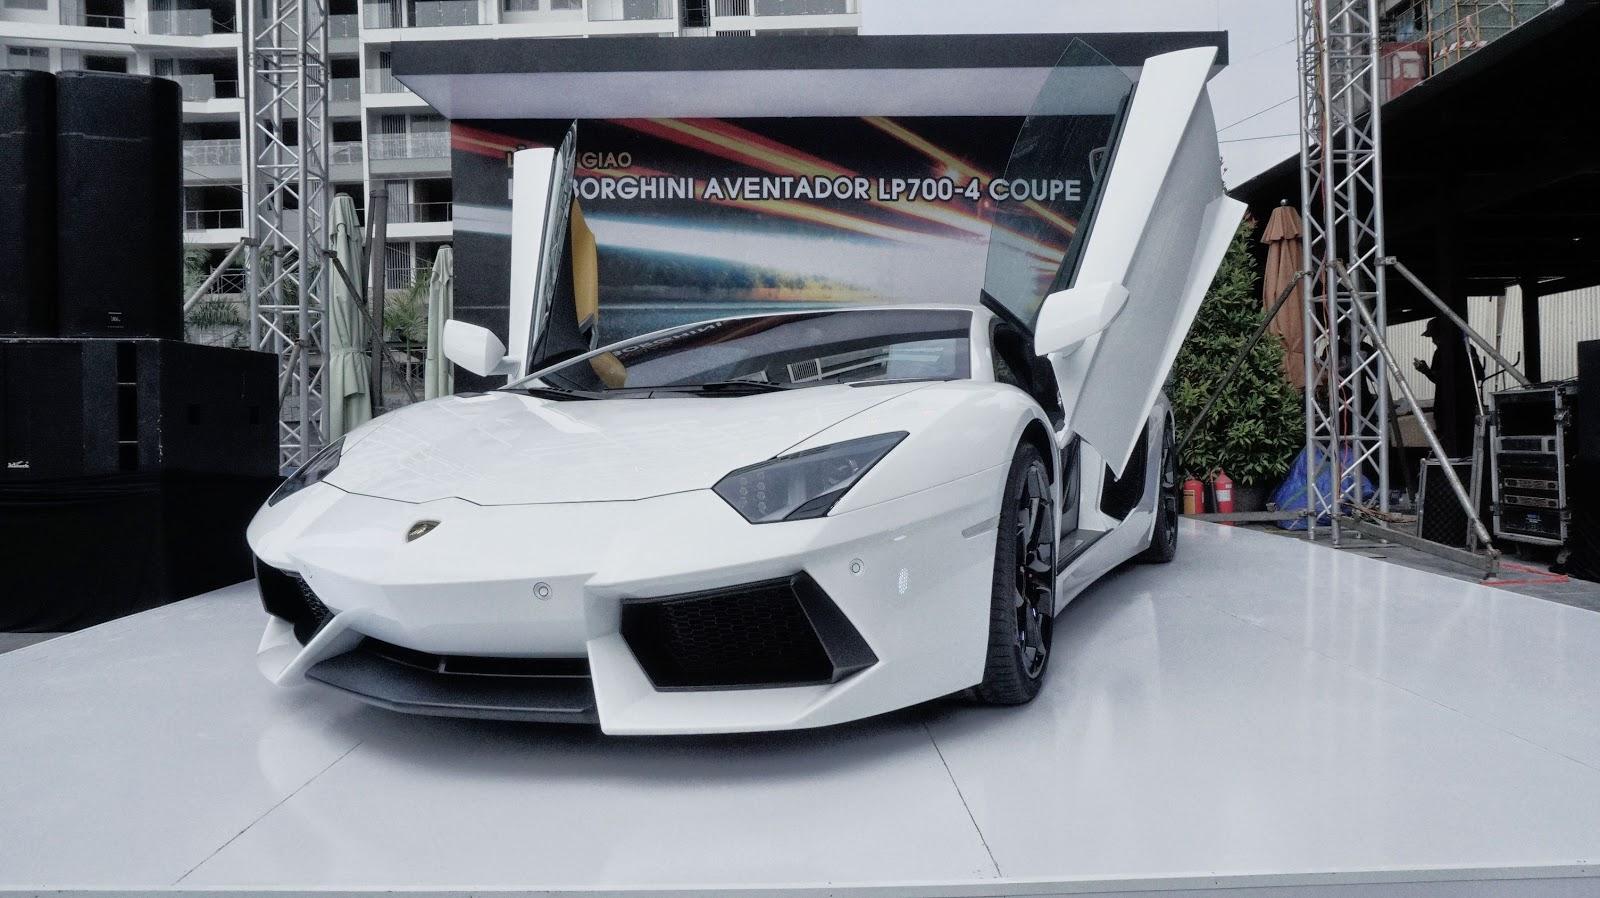 Lamborghini Aventador LP700-4 trắng tinh khôi là siêu xe Aventador chính hãng đầu tiên tại Việt Nam